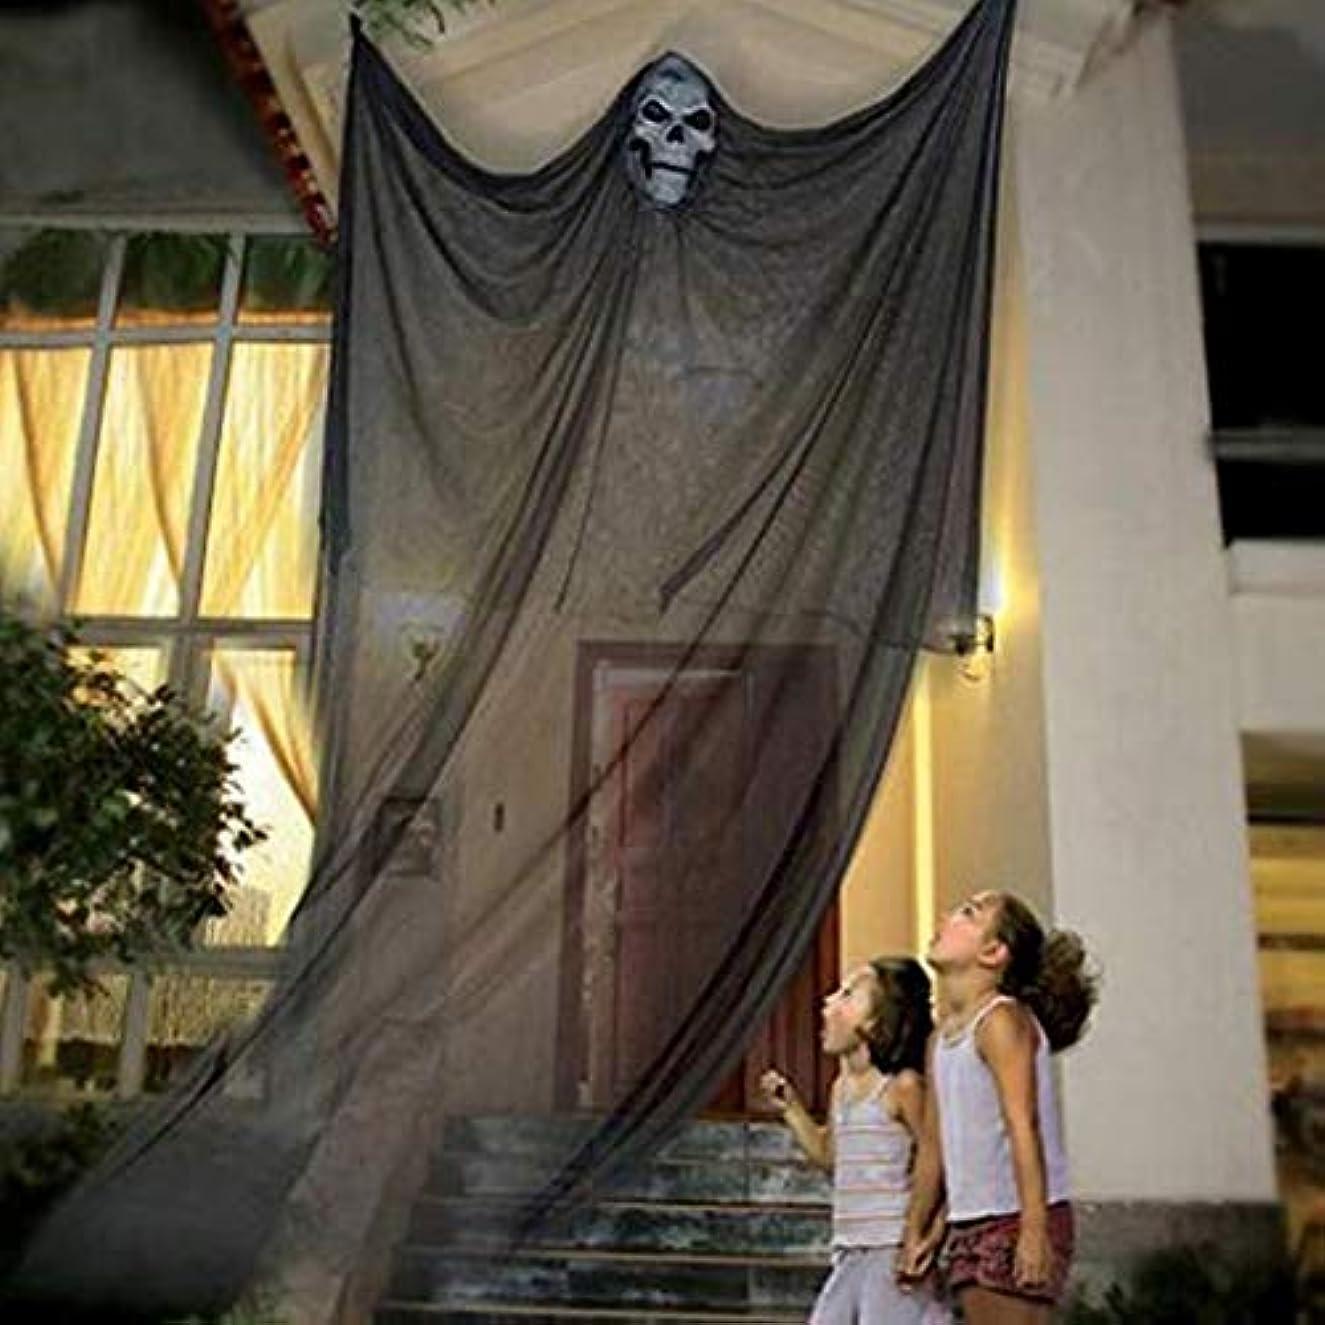 保証する役員予定屋外党家のためのハロウィーンの装飾の掛かる幻影の怖いカーテン (Color : ORANGE)